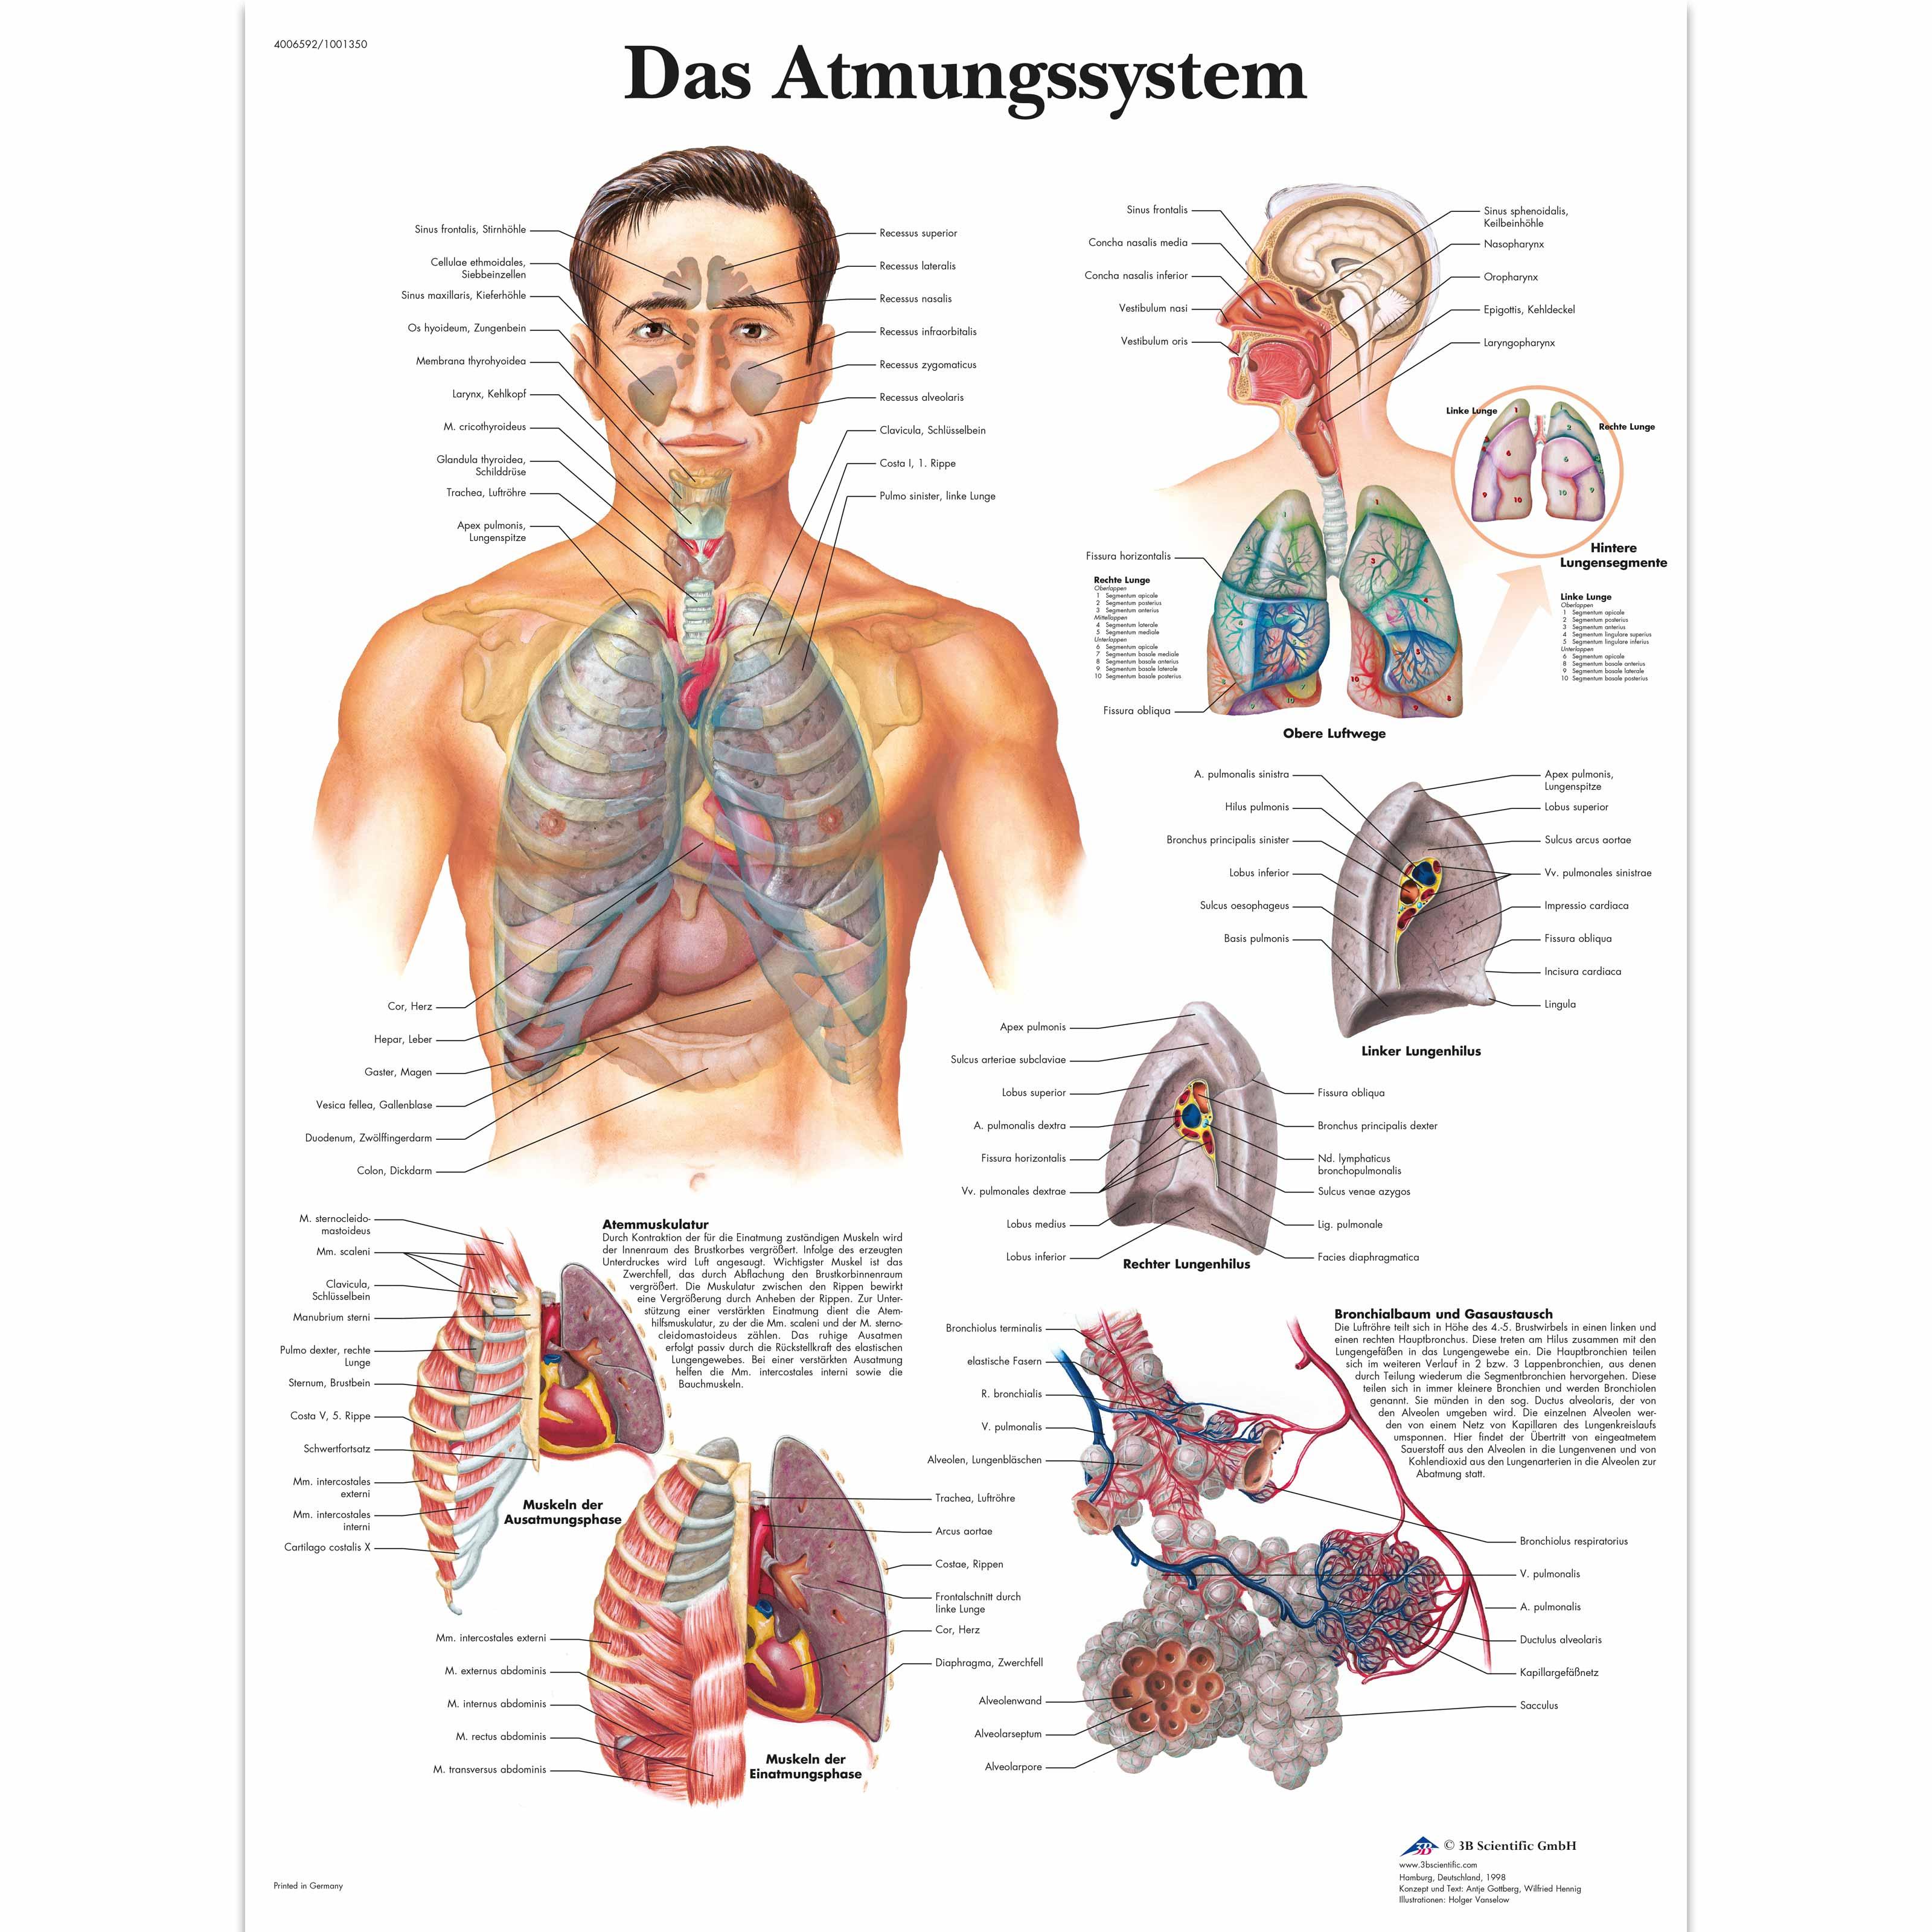 Groß Menschliches Atmungssystem Ideen - Menschliche Anatomie Bilder ...